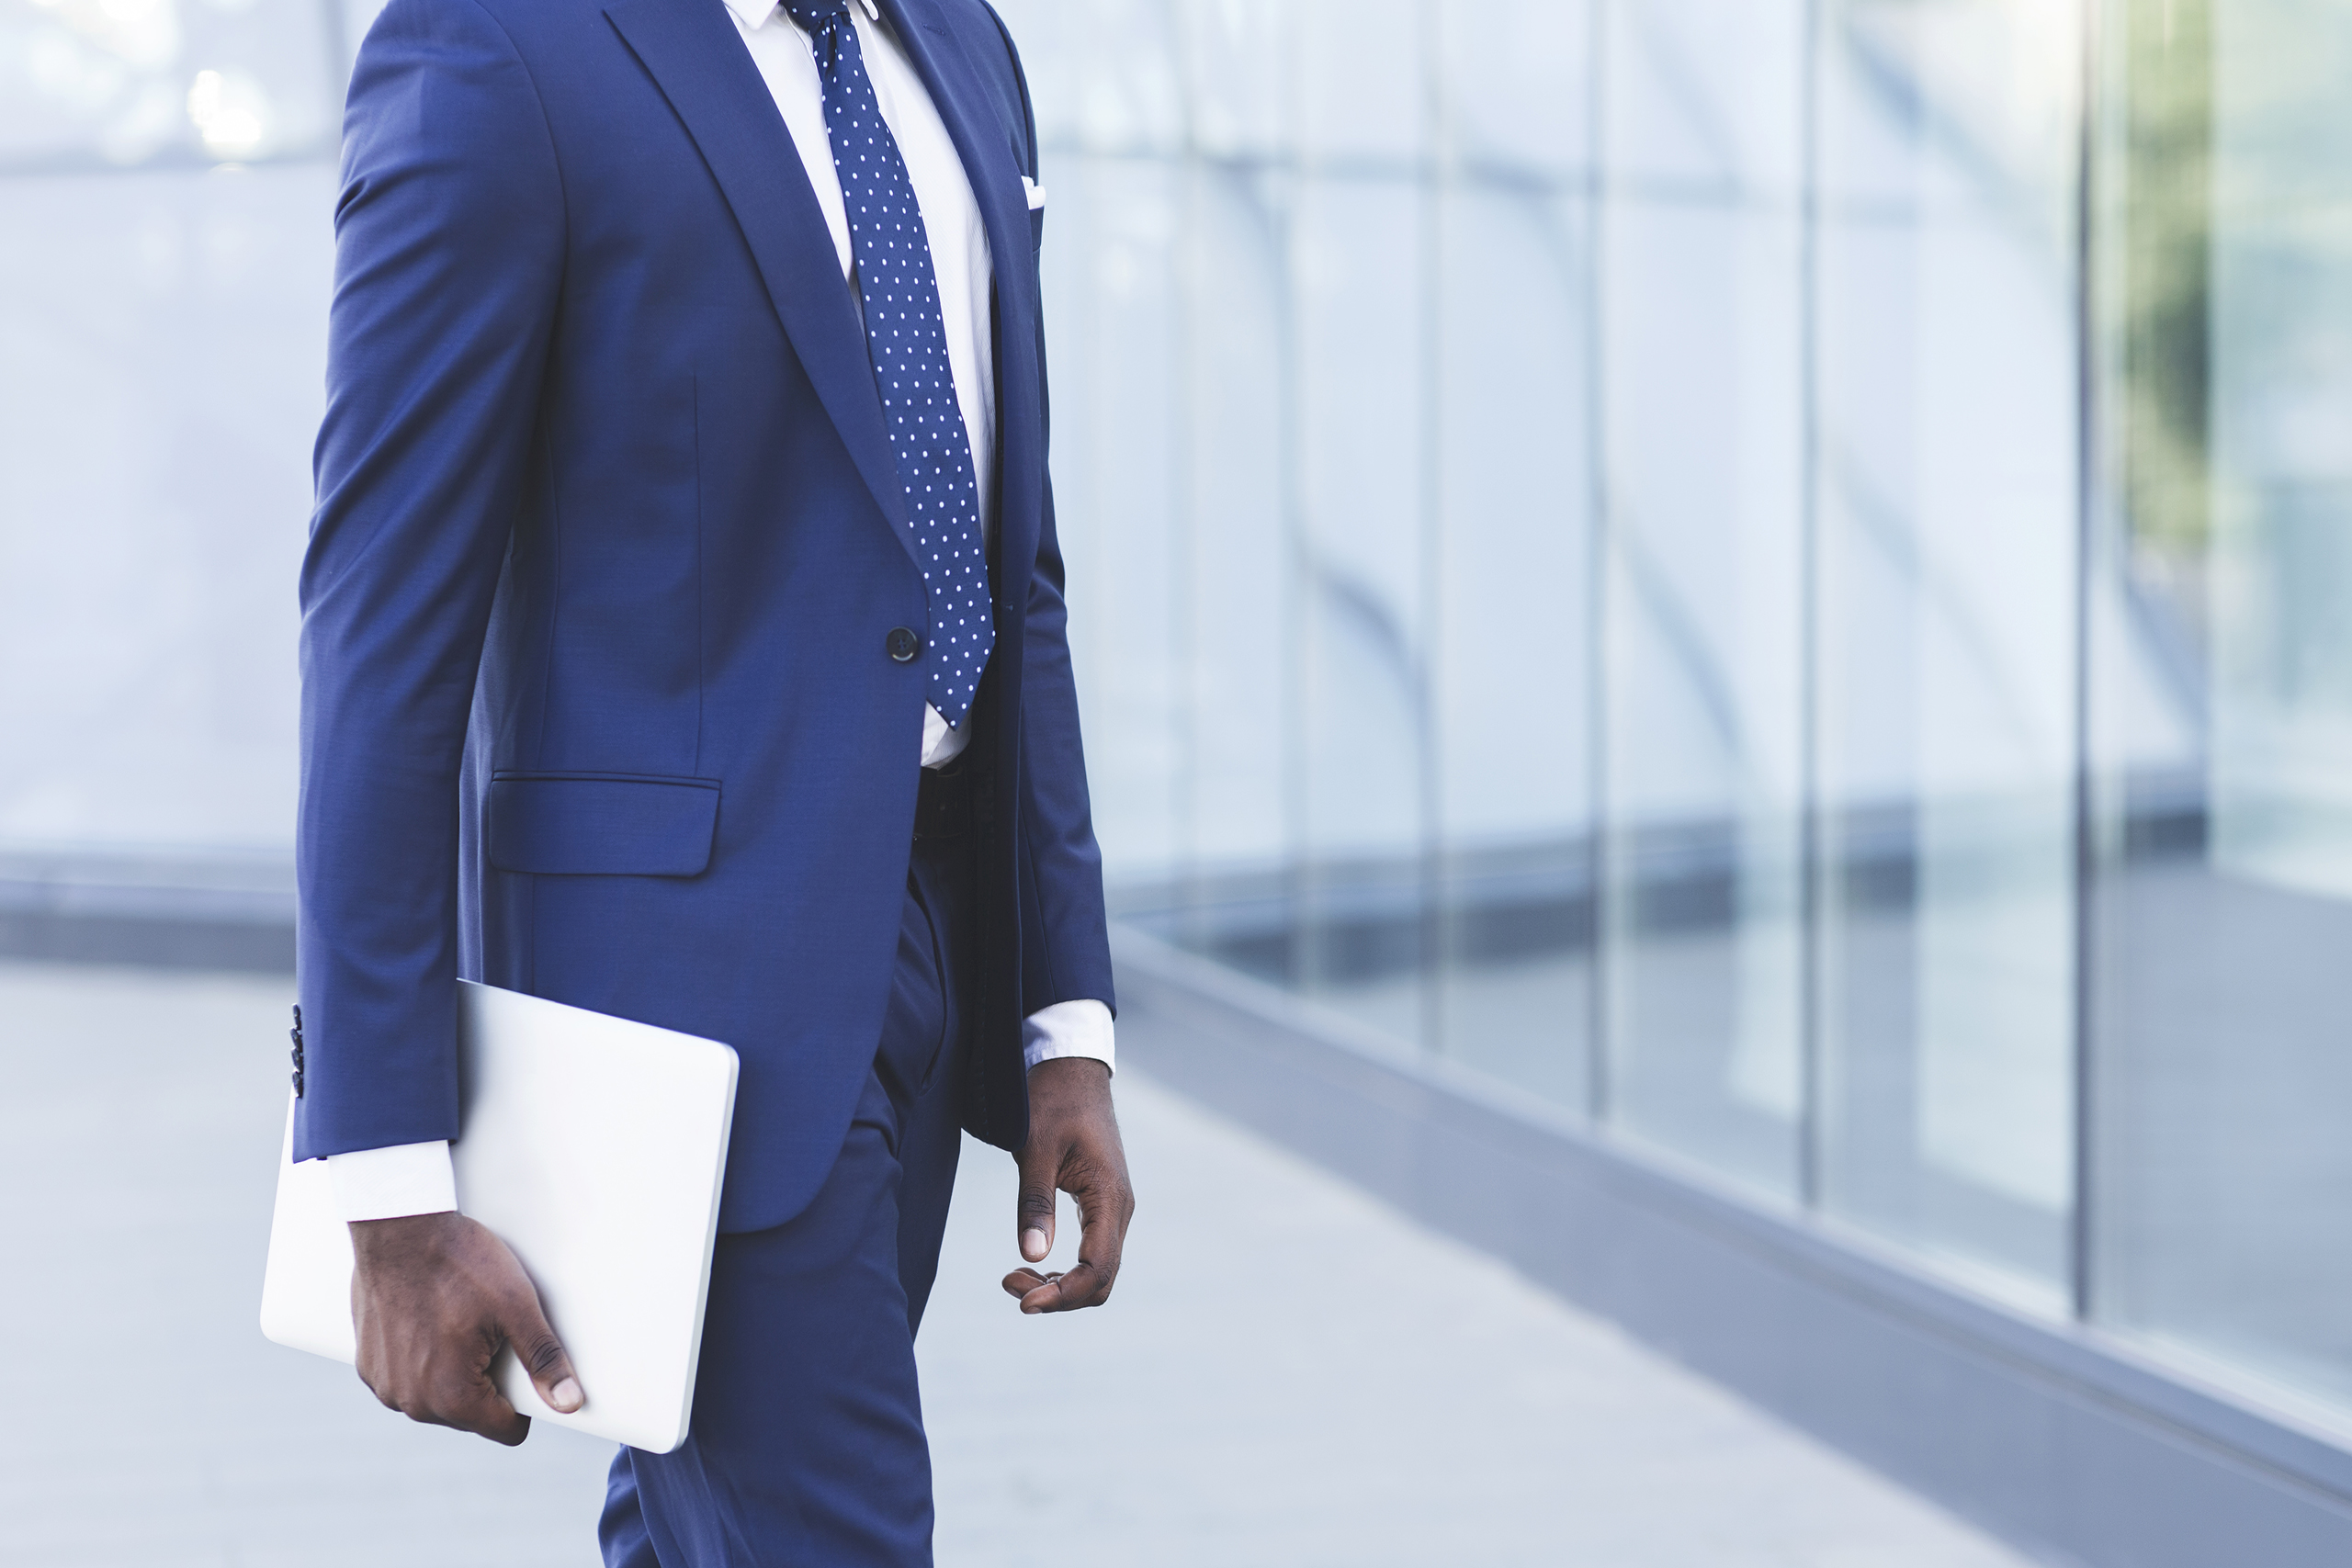 Chancellor announces changes to Job Retention Scheme